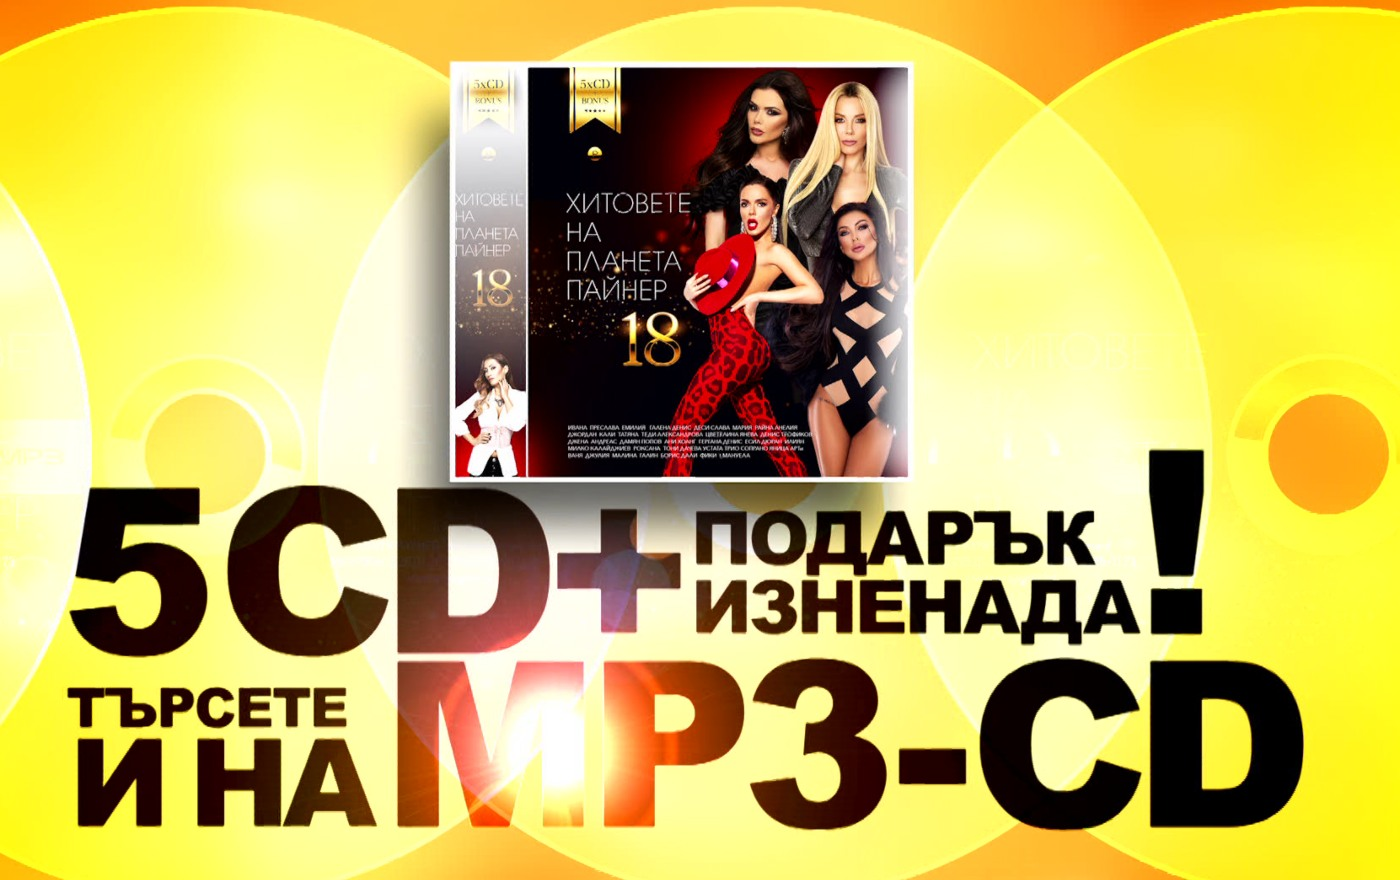 """""""Хитовете на Планета Пайнер 18"""" – музикалната библия на 2019"""